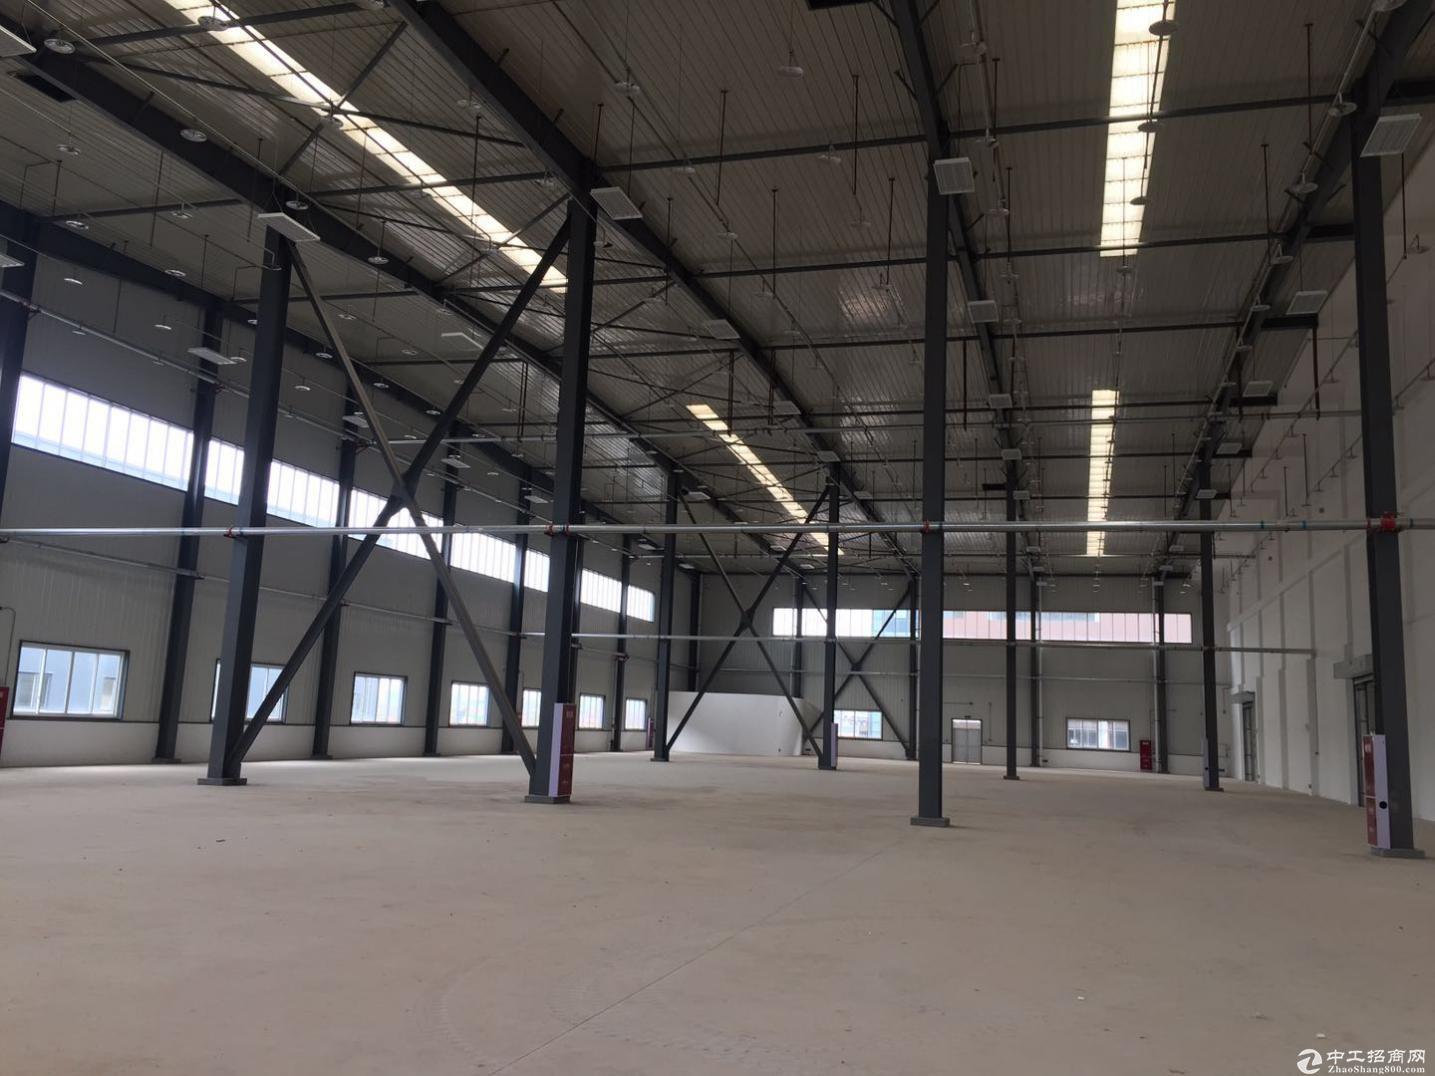 四川遂宁标准仓库12000平出租,全钢架结构,高13.2米